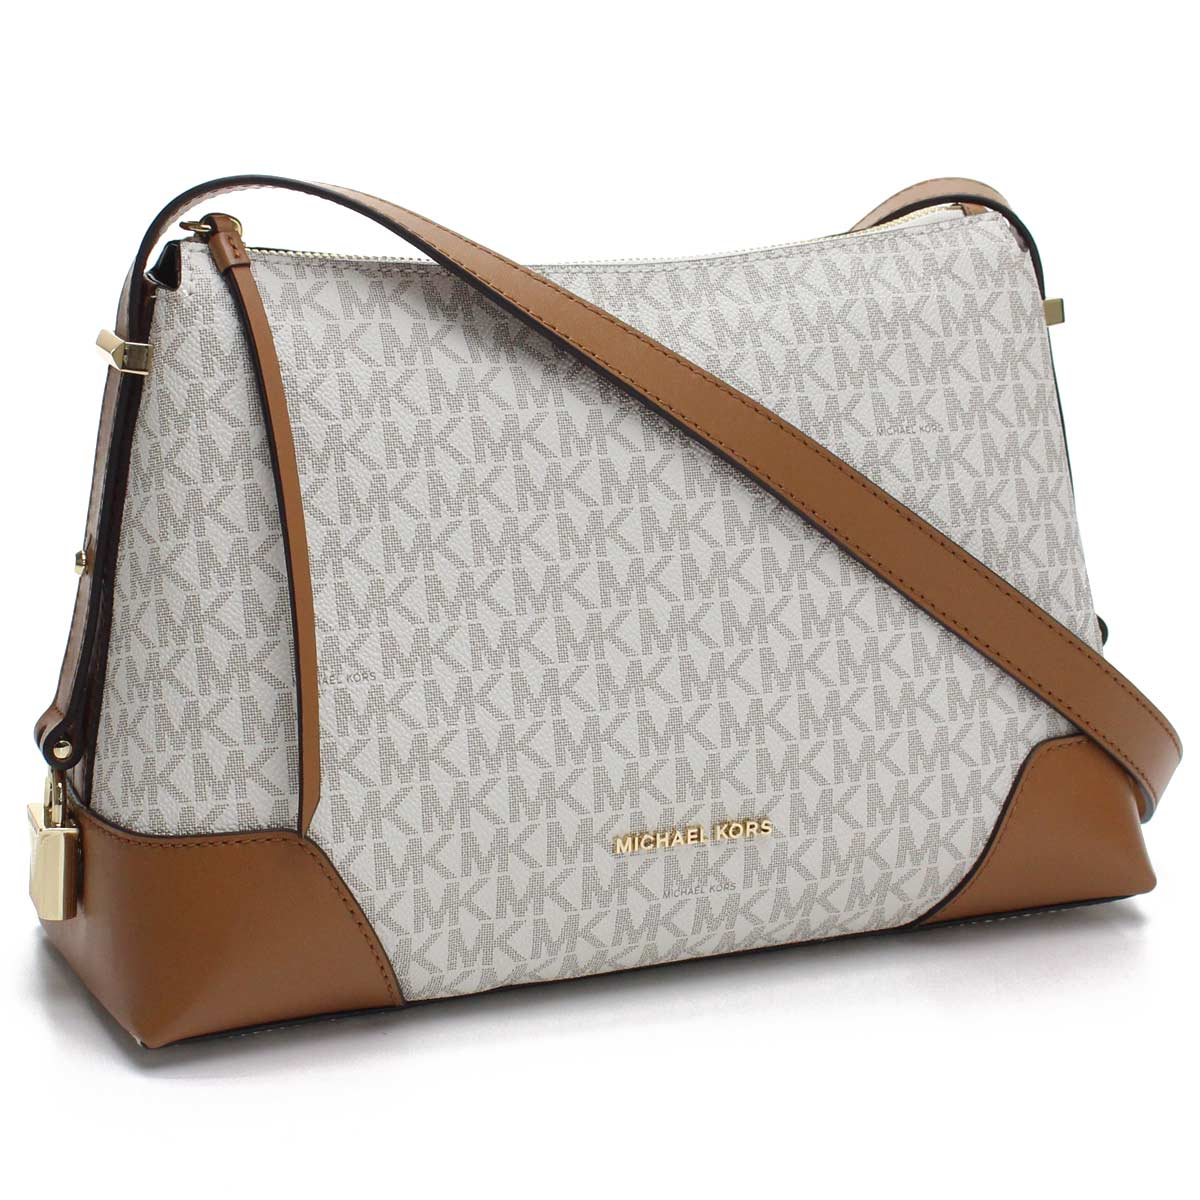 6f988823a91a Bighit The total brand wholesale  Take Michael Kors MICHAEL KORS CROSBY  slant  pro-shoulder bag 30H8GCBM2B 149 VANILLA ACRN white brown system